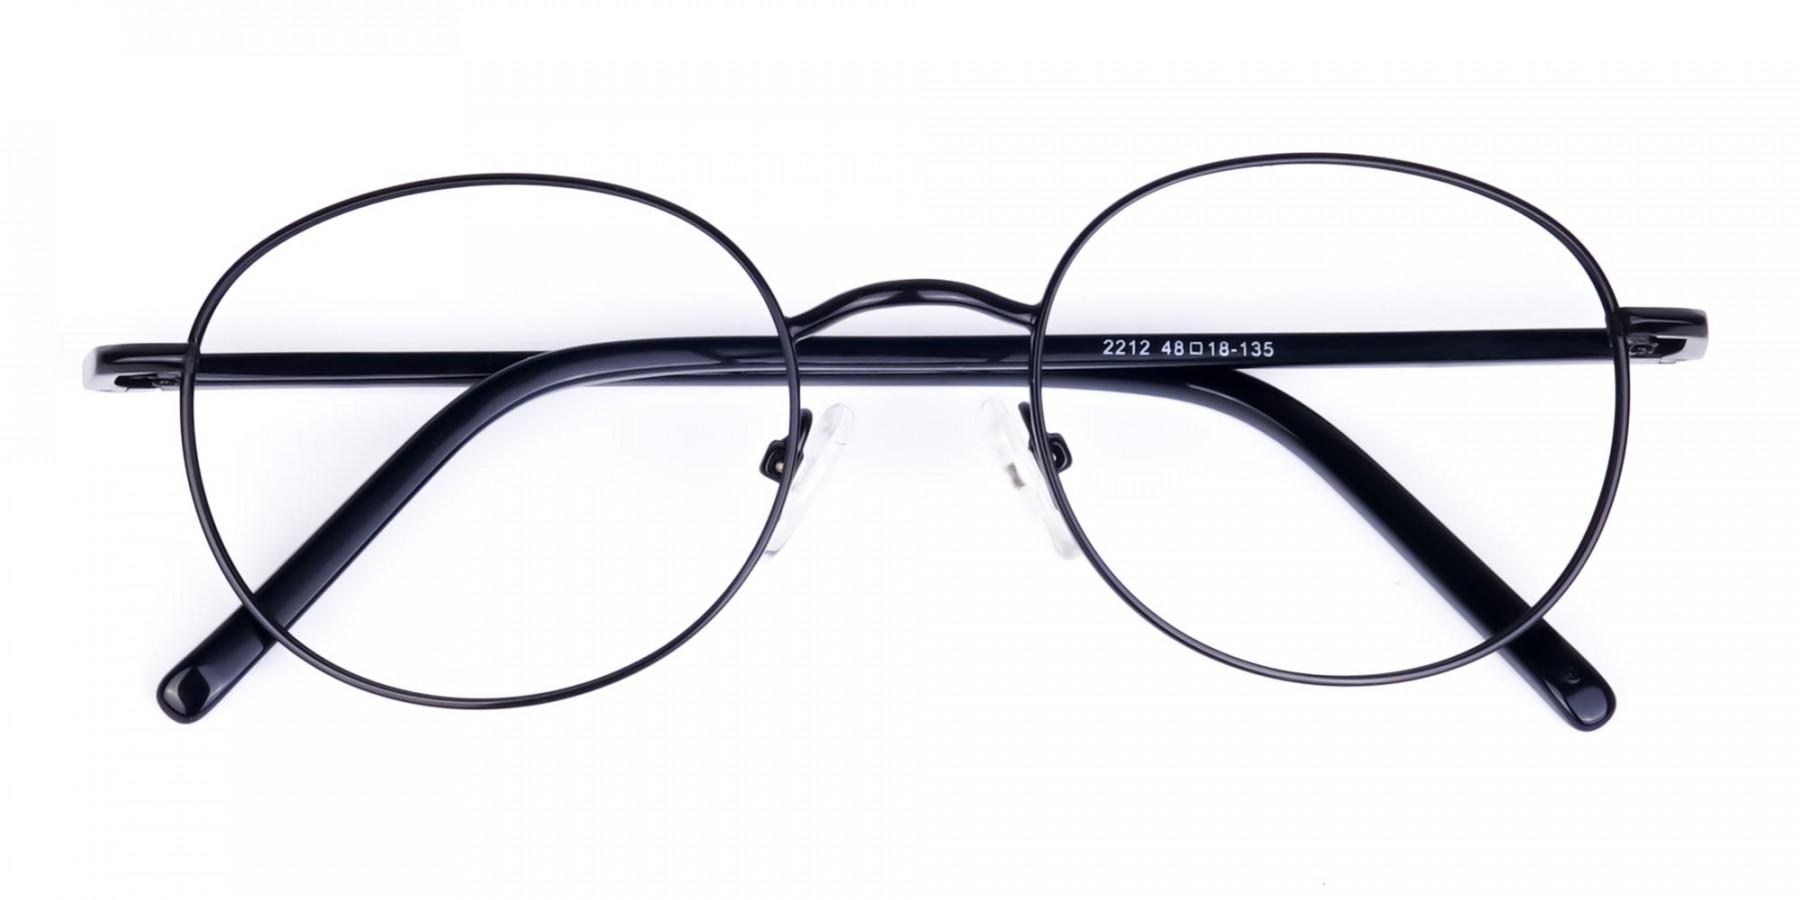 blue light glasses full frame-1